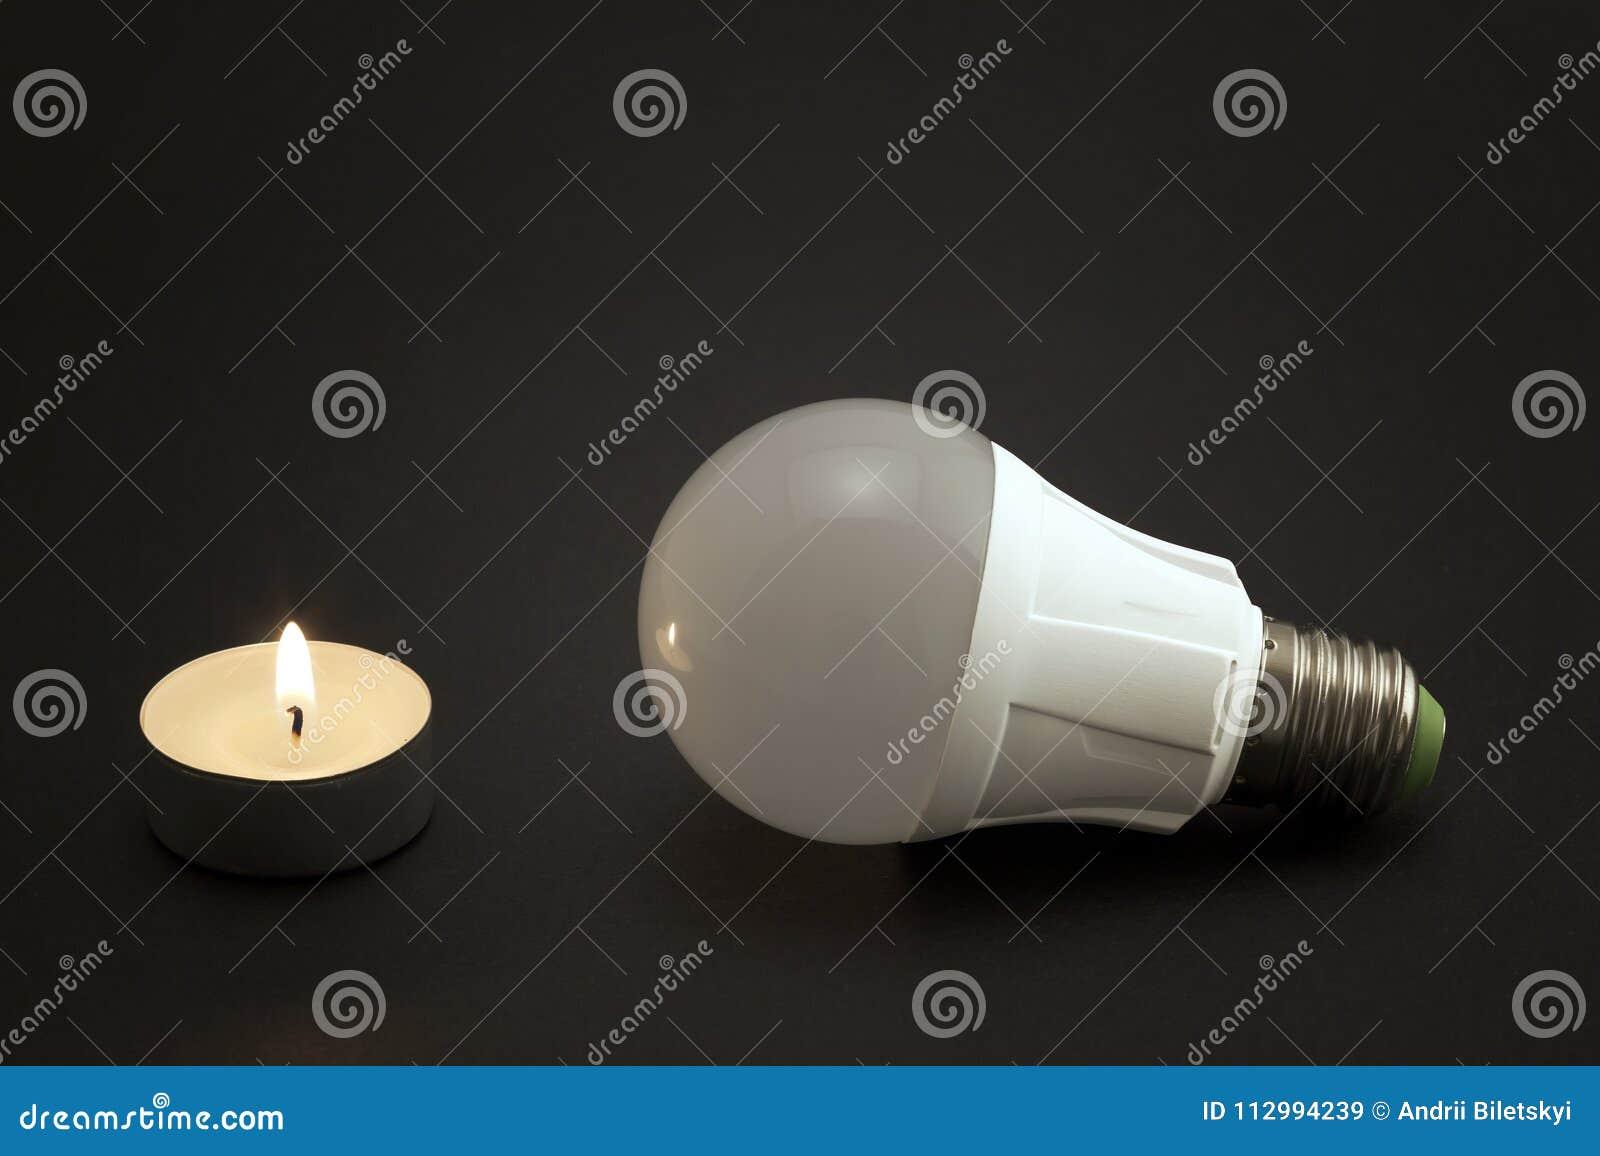 Illuminazione con treccia arredare con le strisce led ecco come